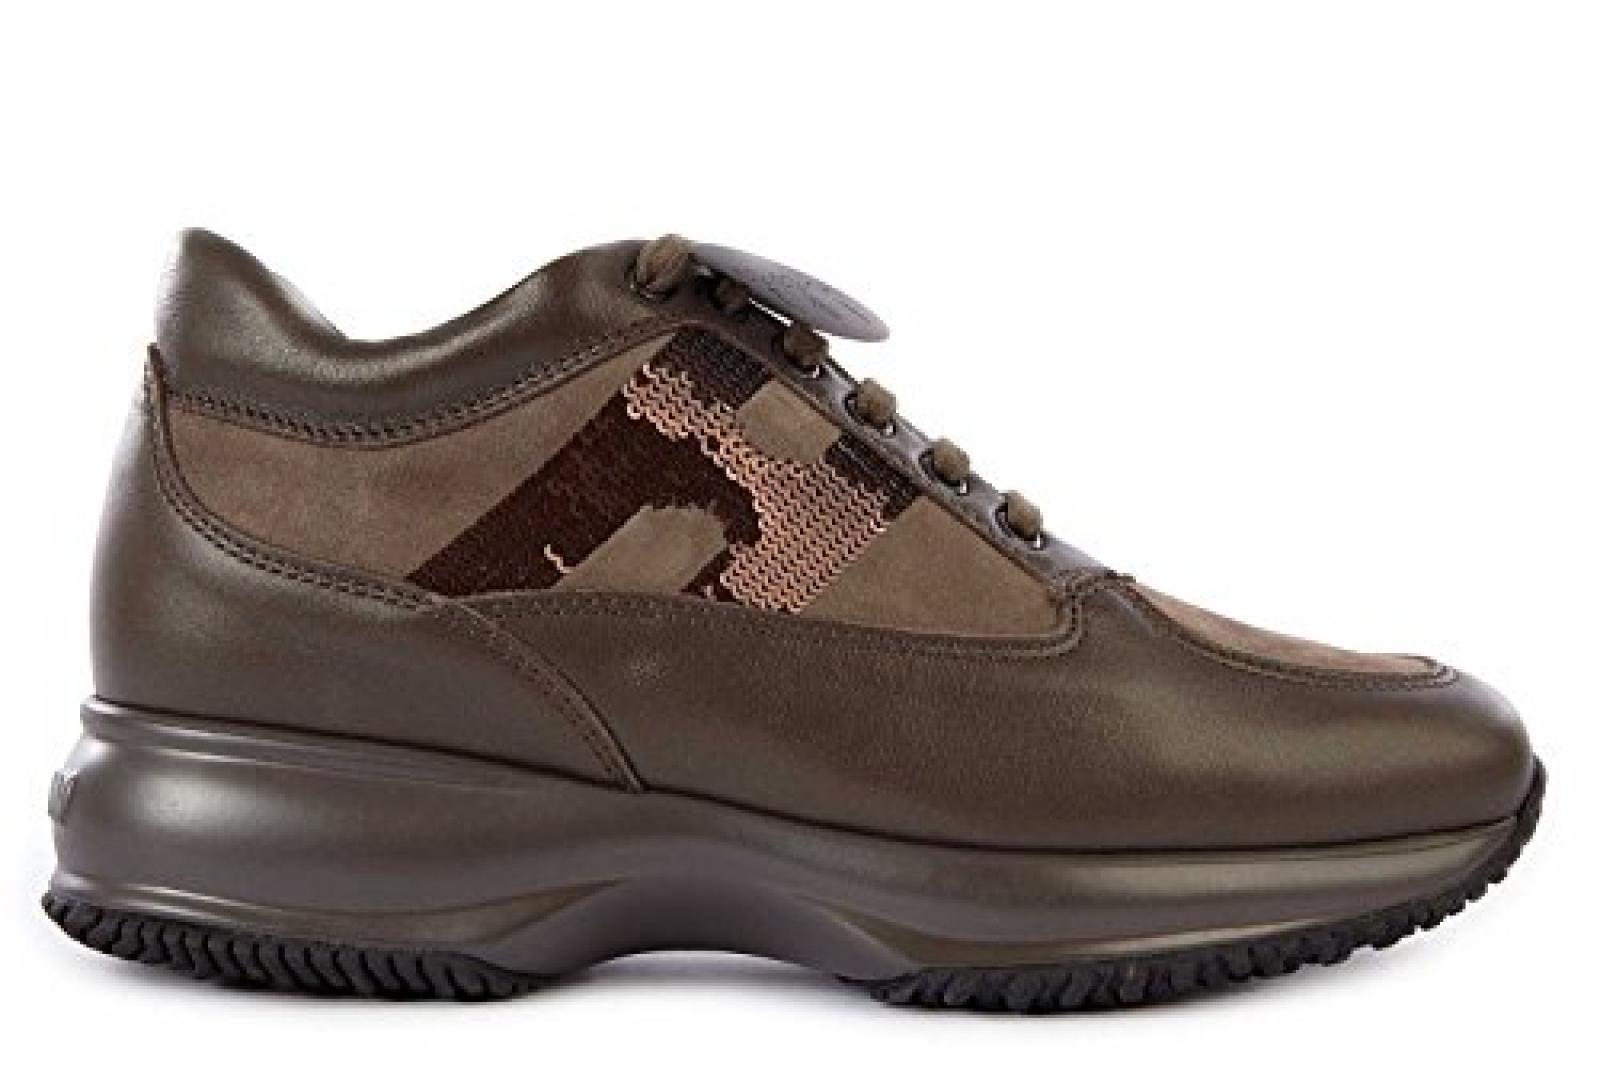 Hogan Damenschuhe Turnschuhe Damen Leder Schuhe Sneakers interactive Braun